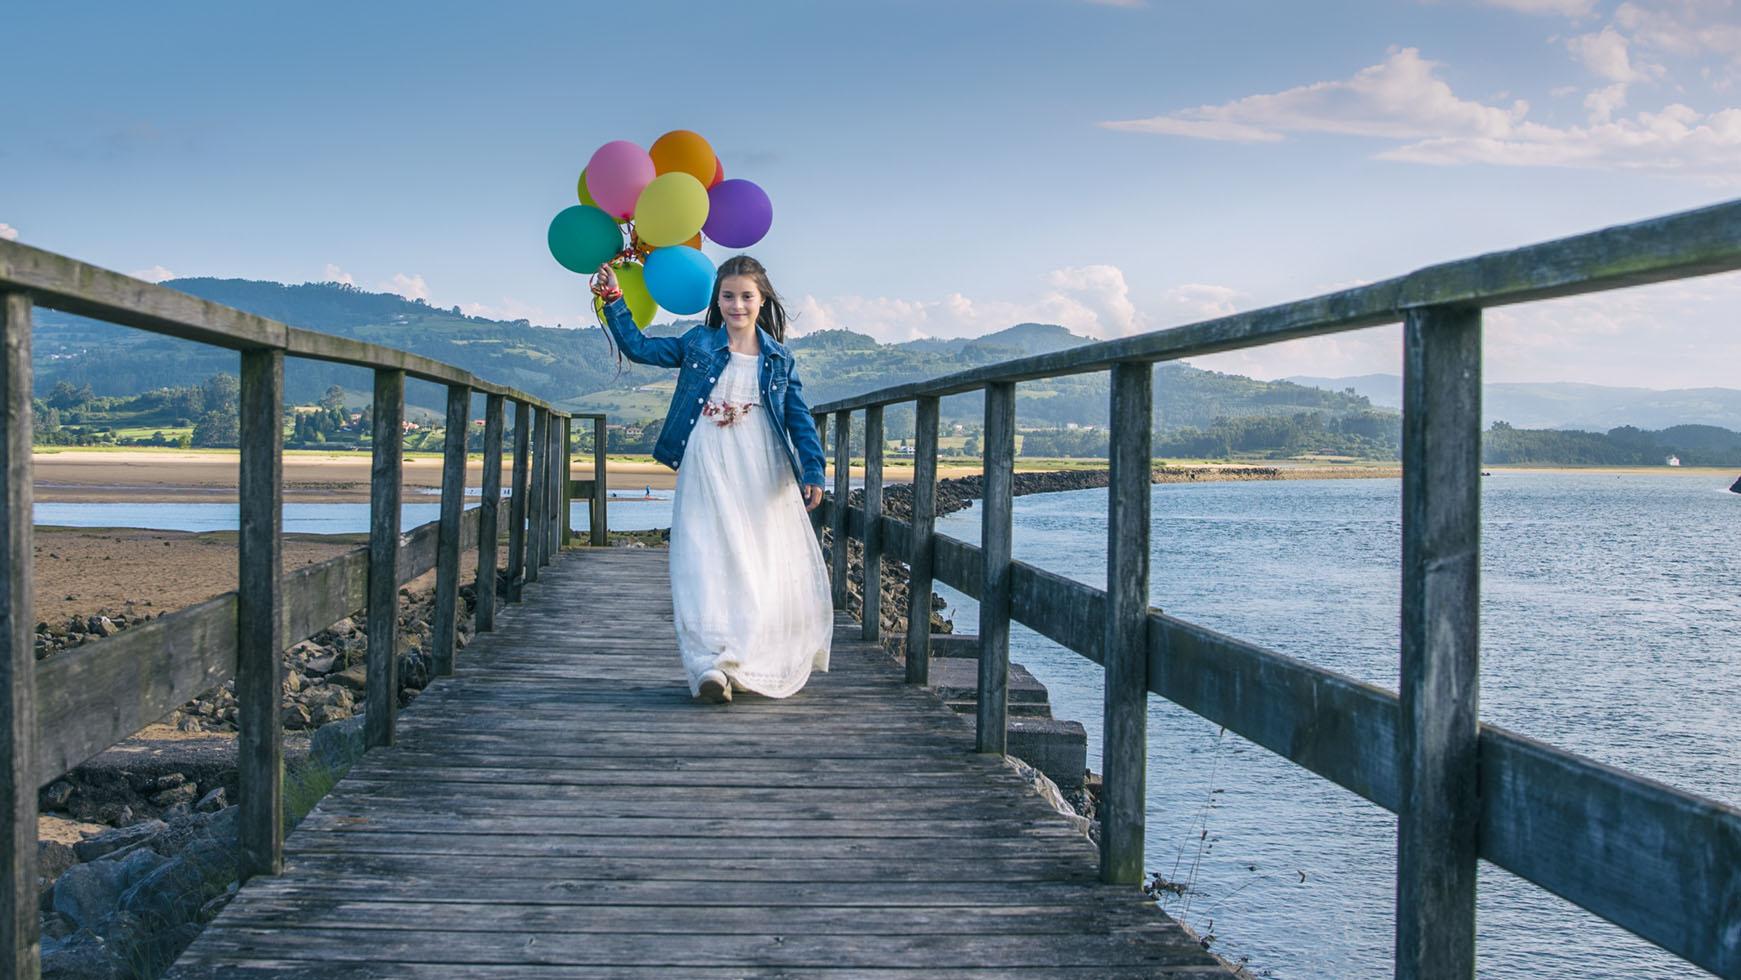 Niña vestida de comunión con globos de colores